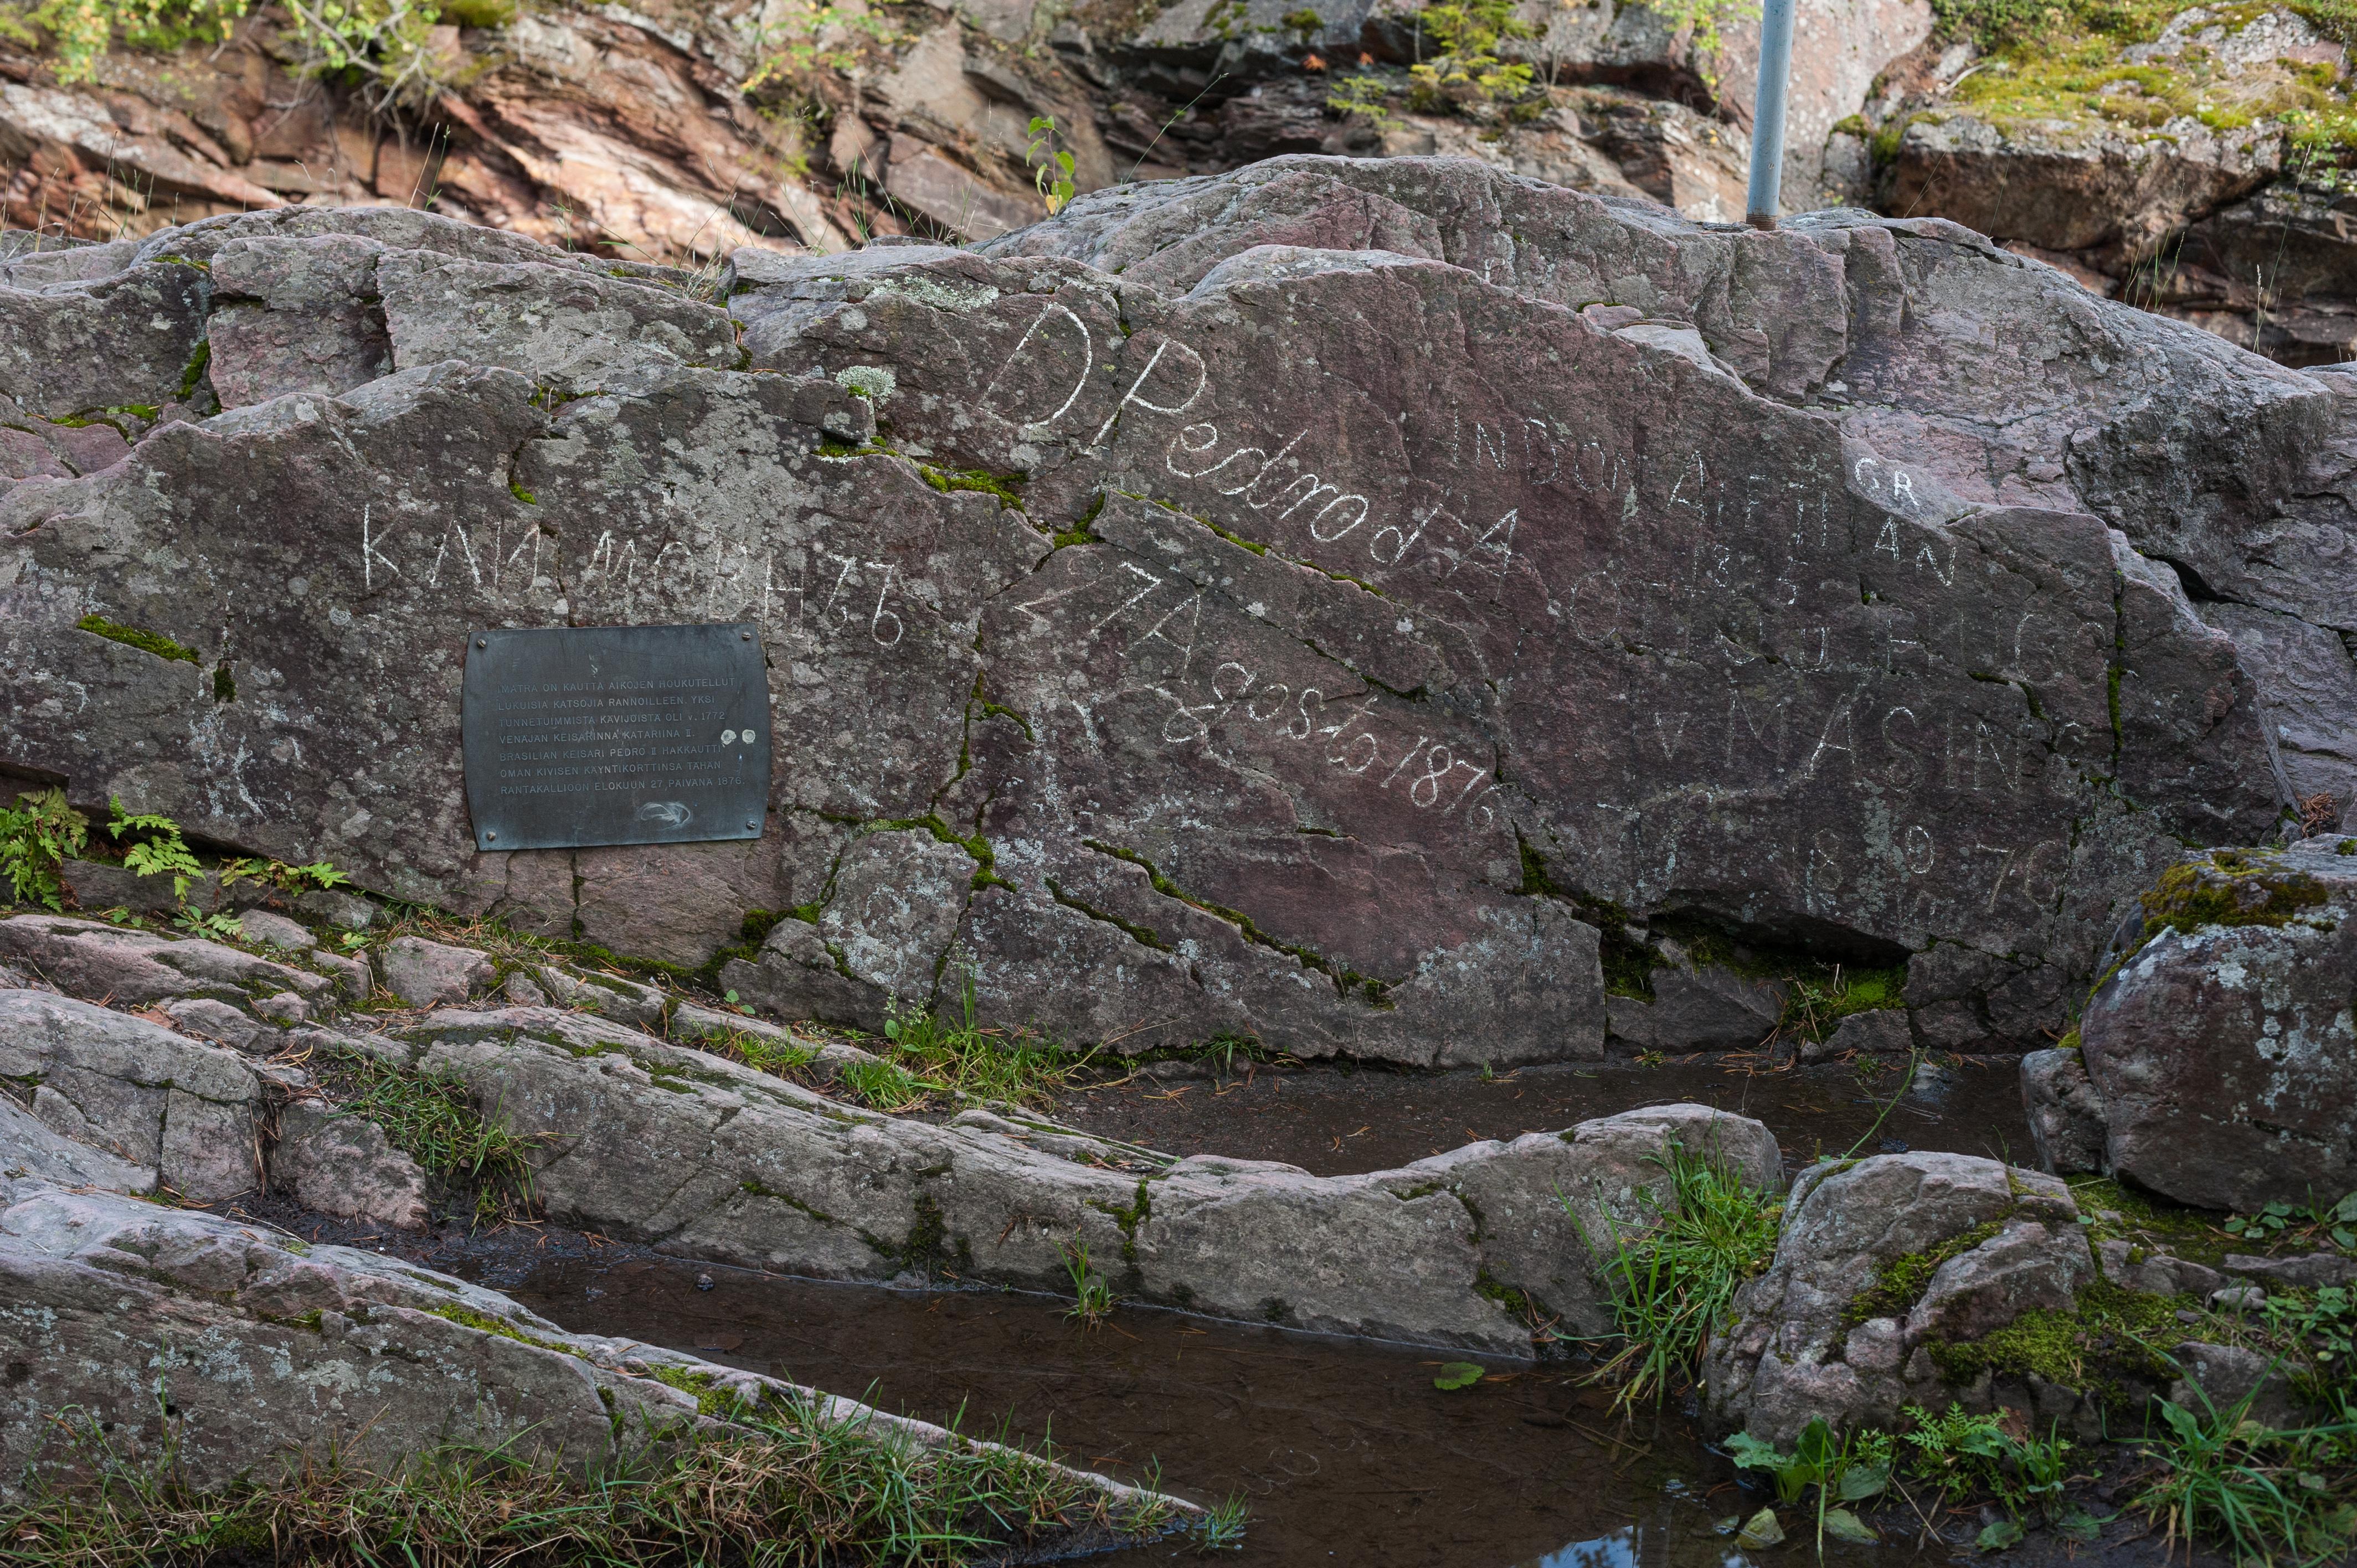 Imagem inédita da rocha grafitada por Dom Pedro em Imatra, na Finlândia, em 1876